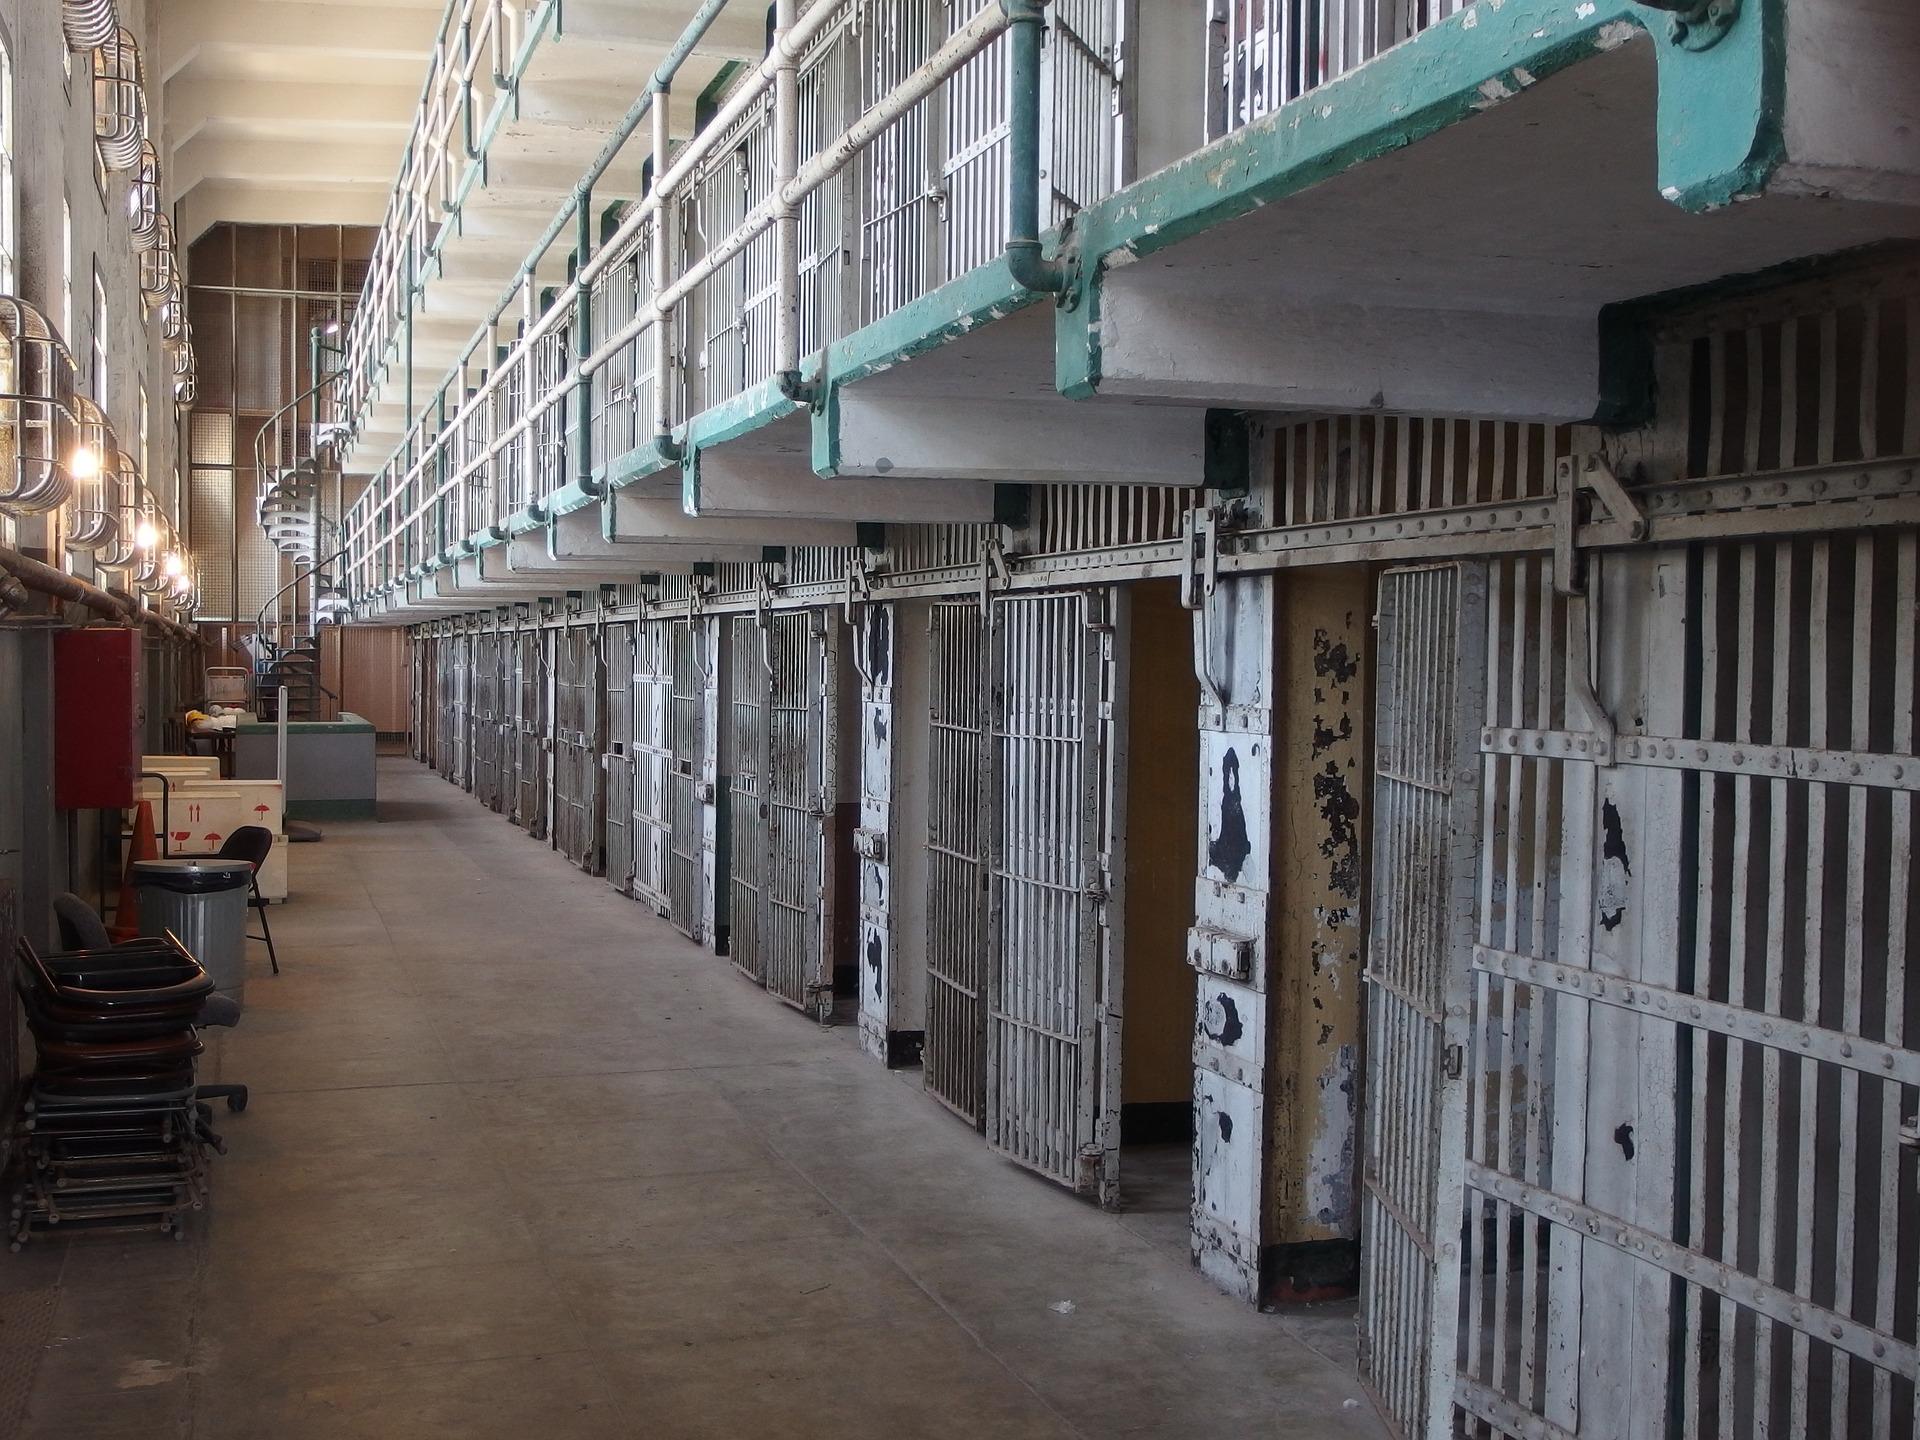 Alcatraz-2161656_1920